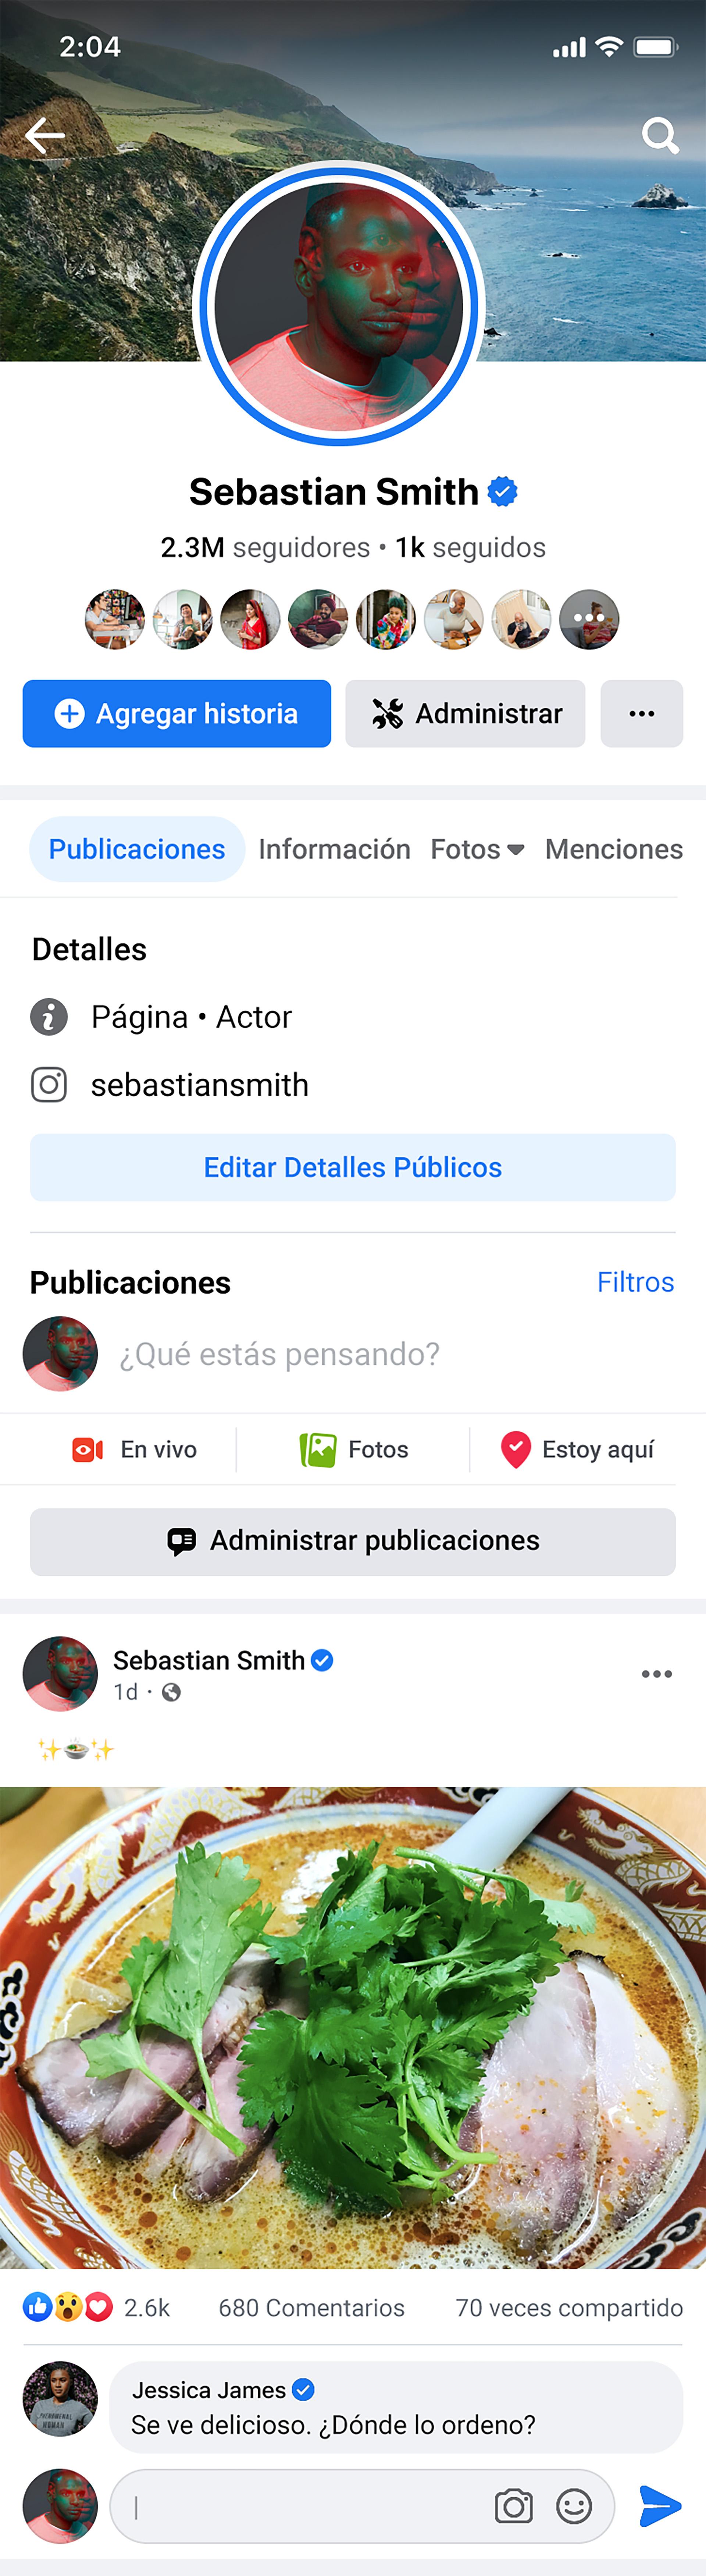 Nueva interfaz y funciones para las Páginas de Facebook en la versión móvil